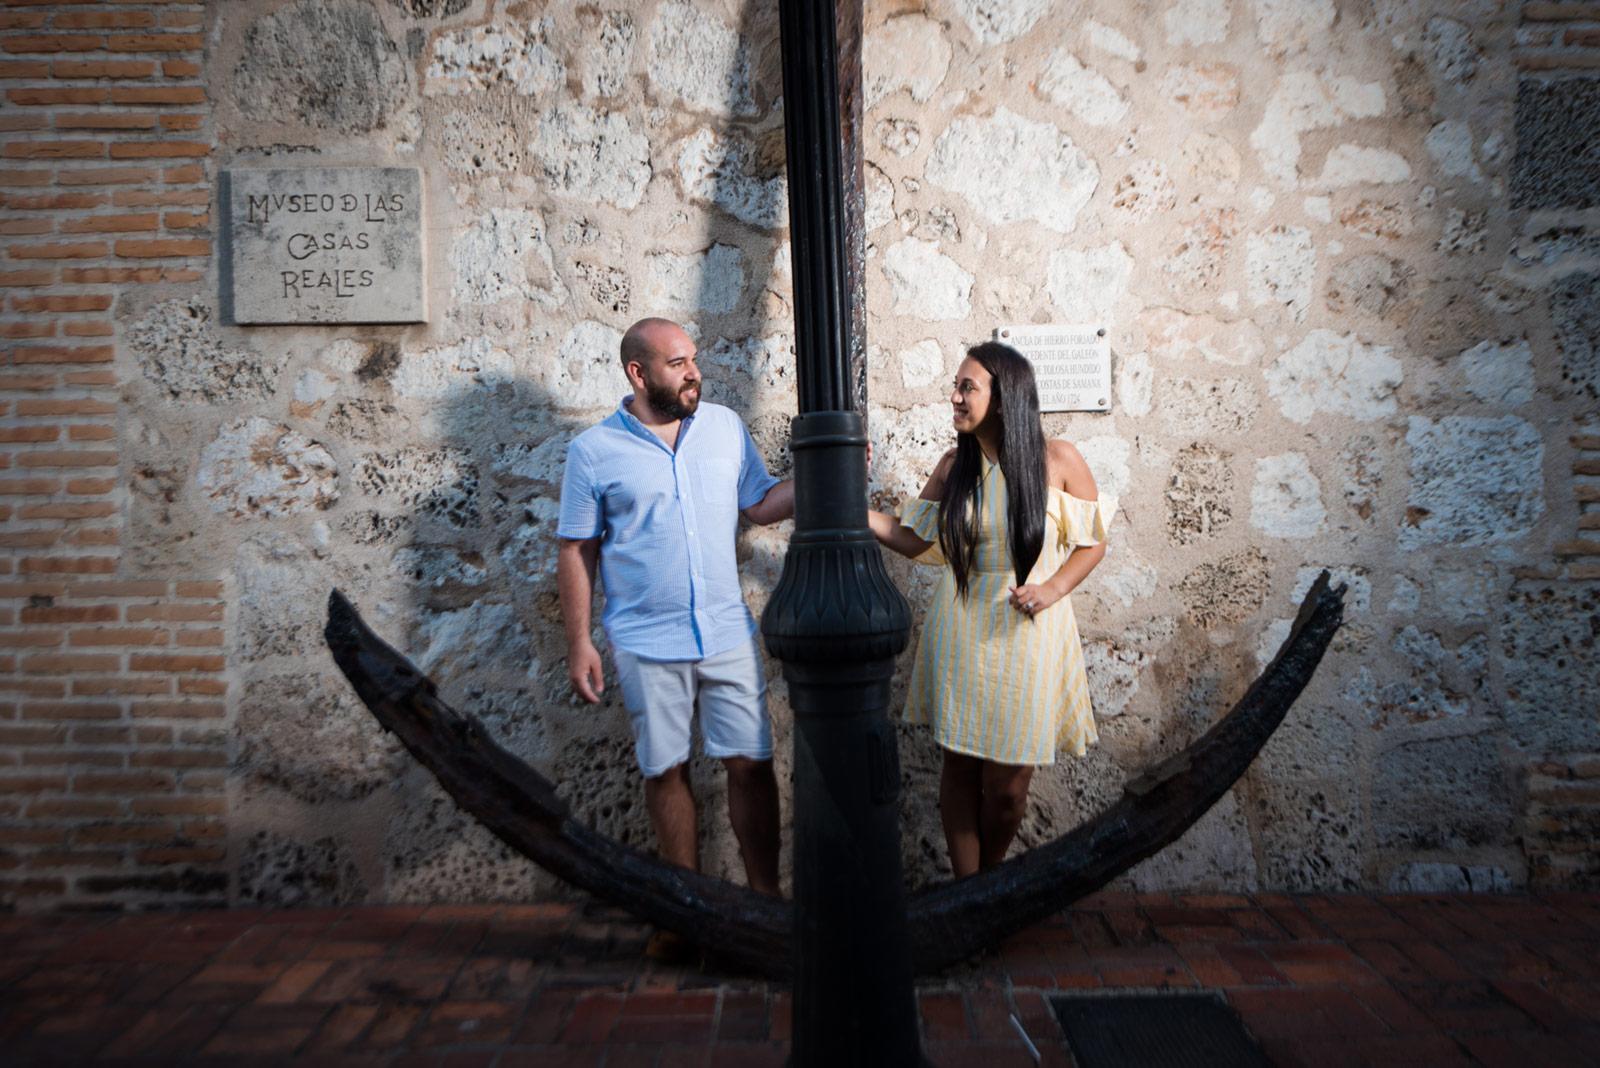 Sesion de fotos en Museo de las Casas Reales, Zona Colonial de Santo Domingo, República Dominicana